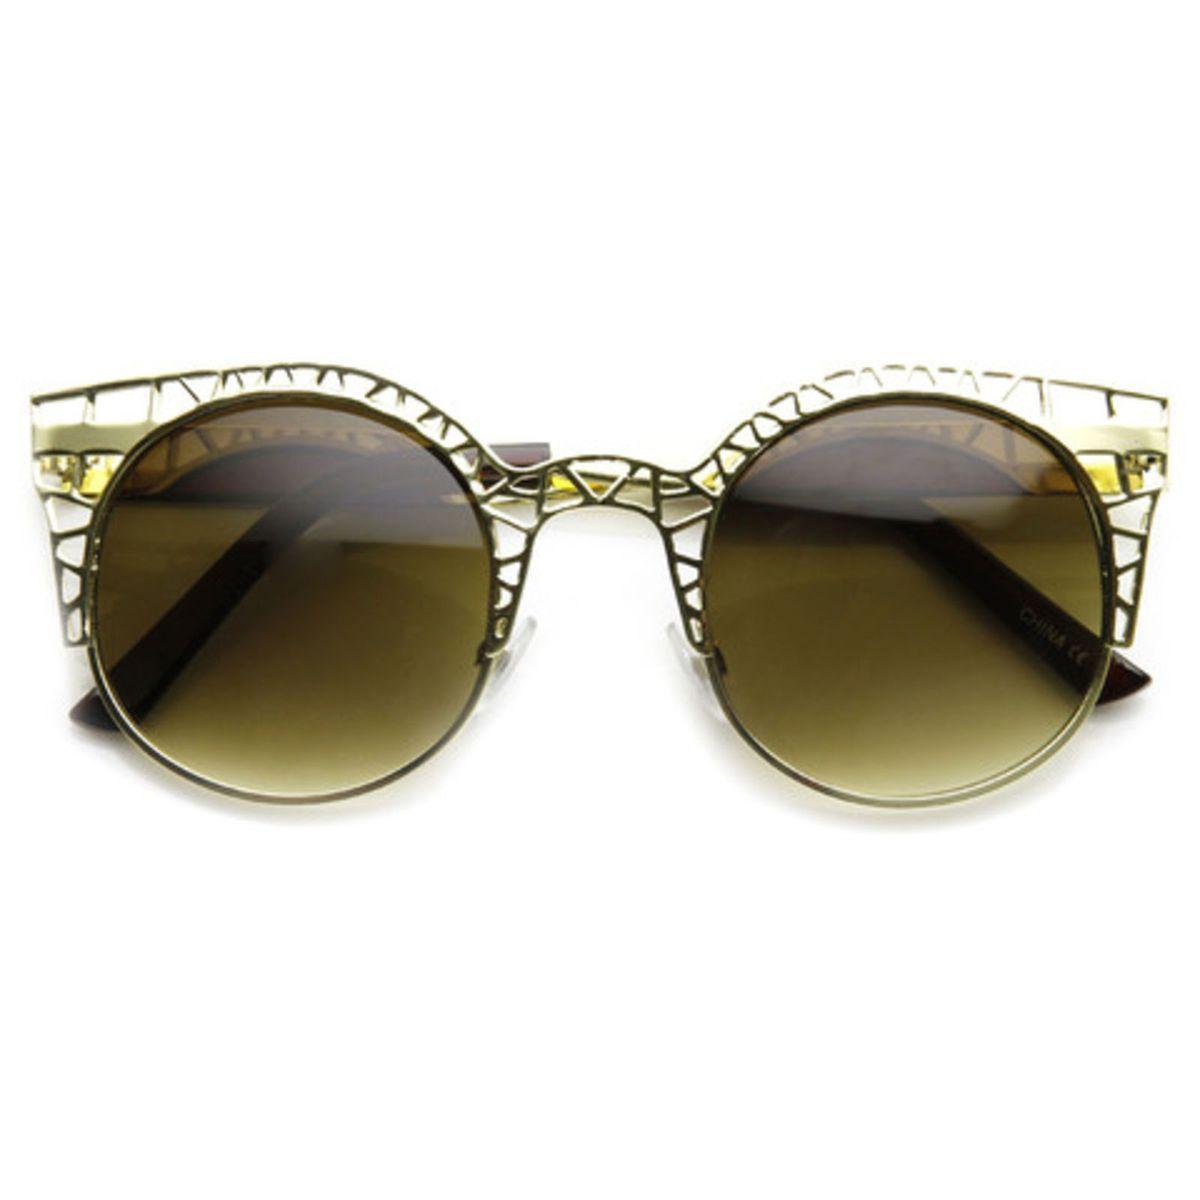 9686e856be5e1 Óculos de Sol Gatinho Redondo